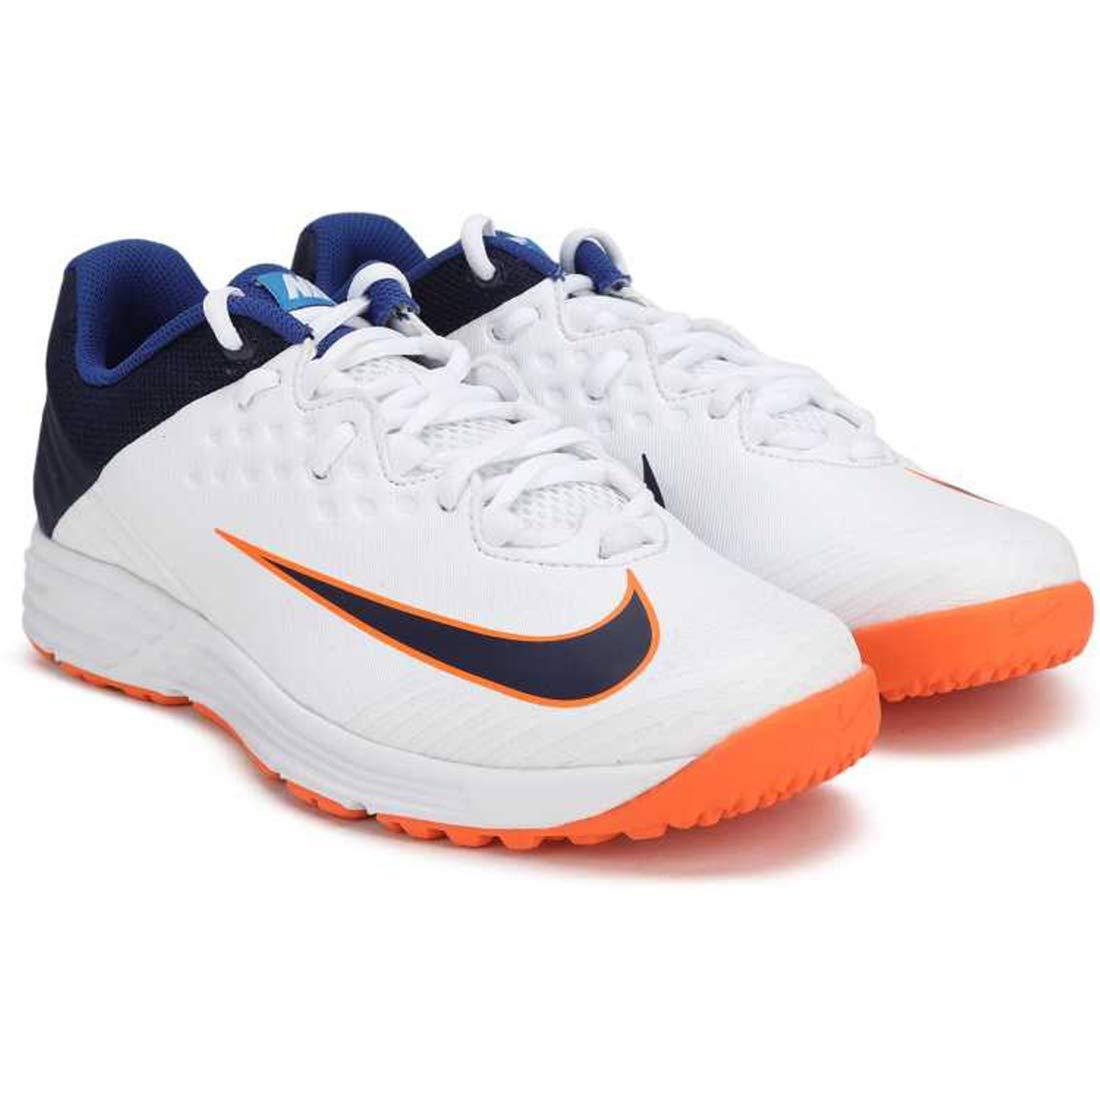 Buy Nike Men's Potential 3 White/Binary